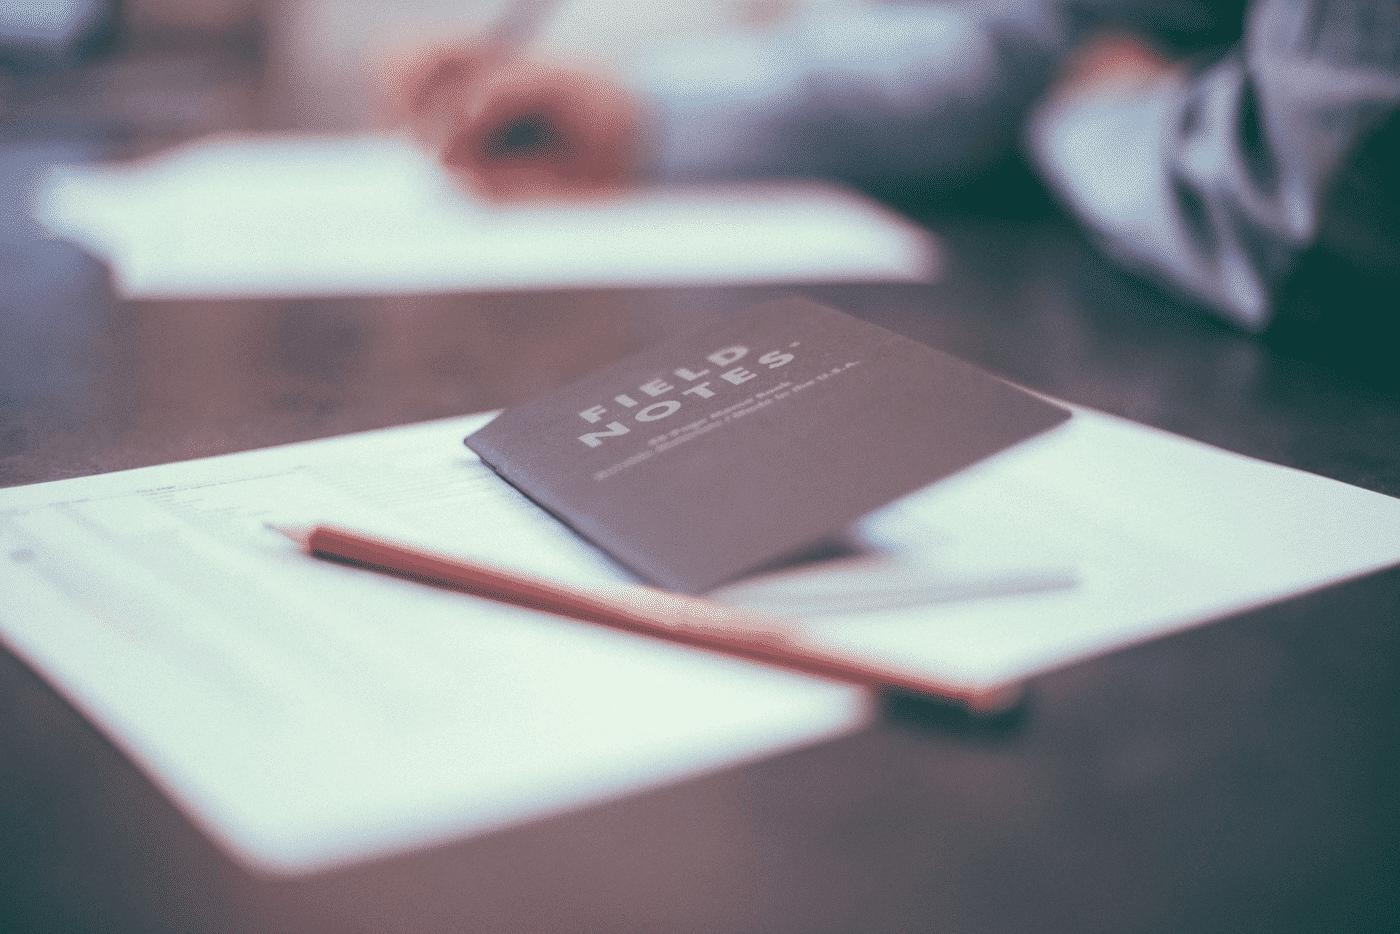 field notebook on desk